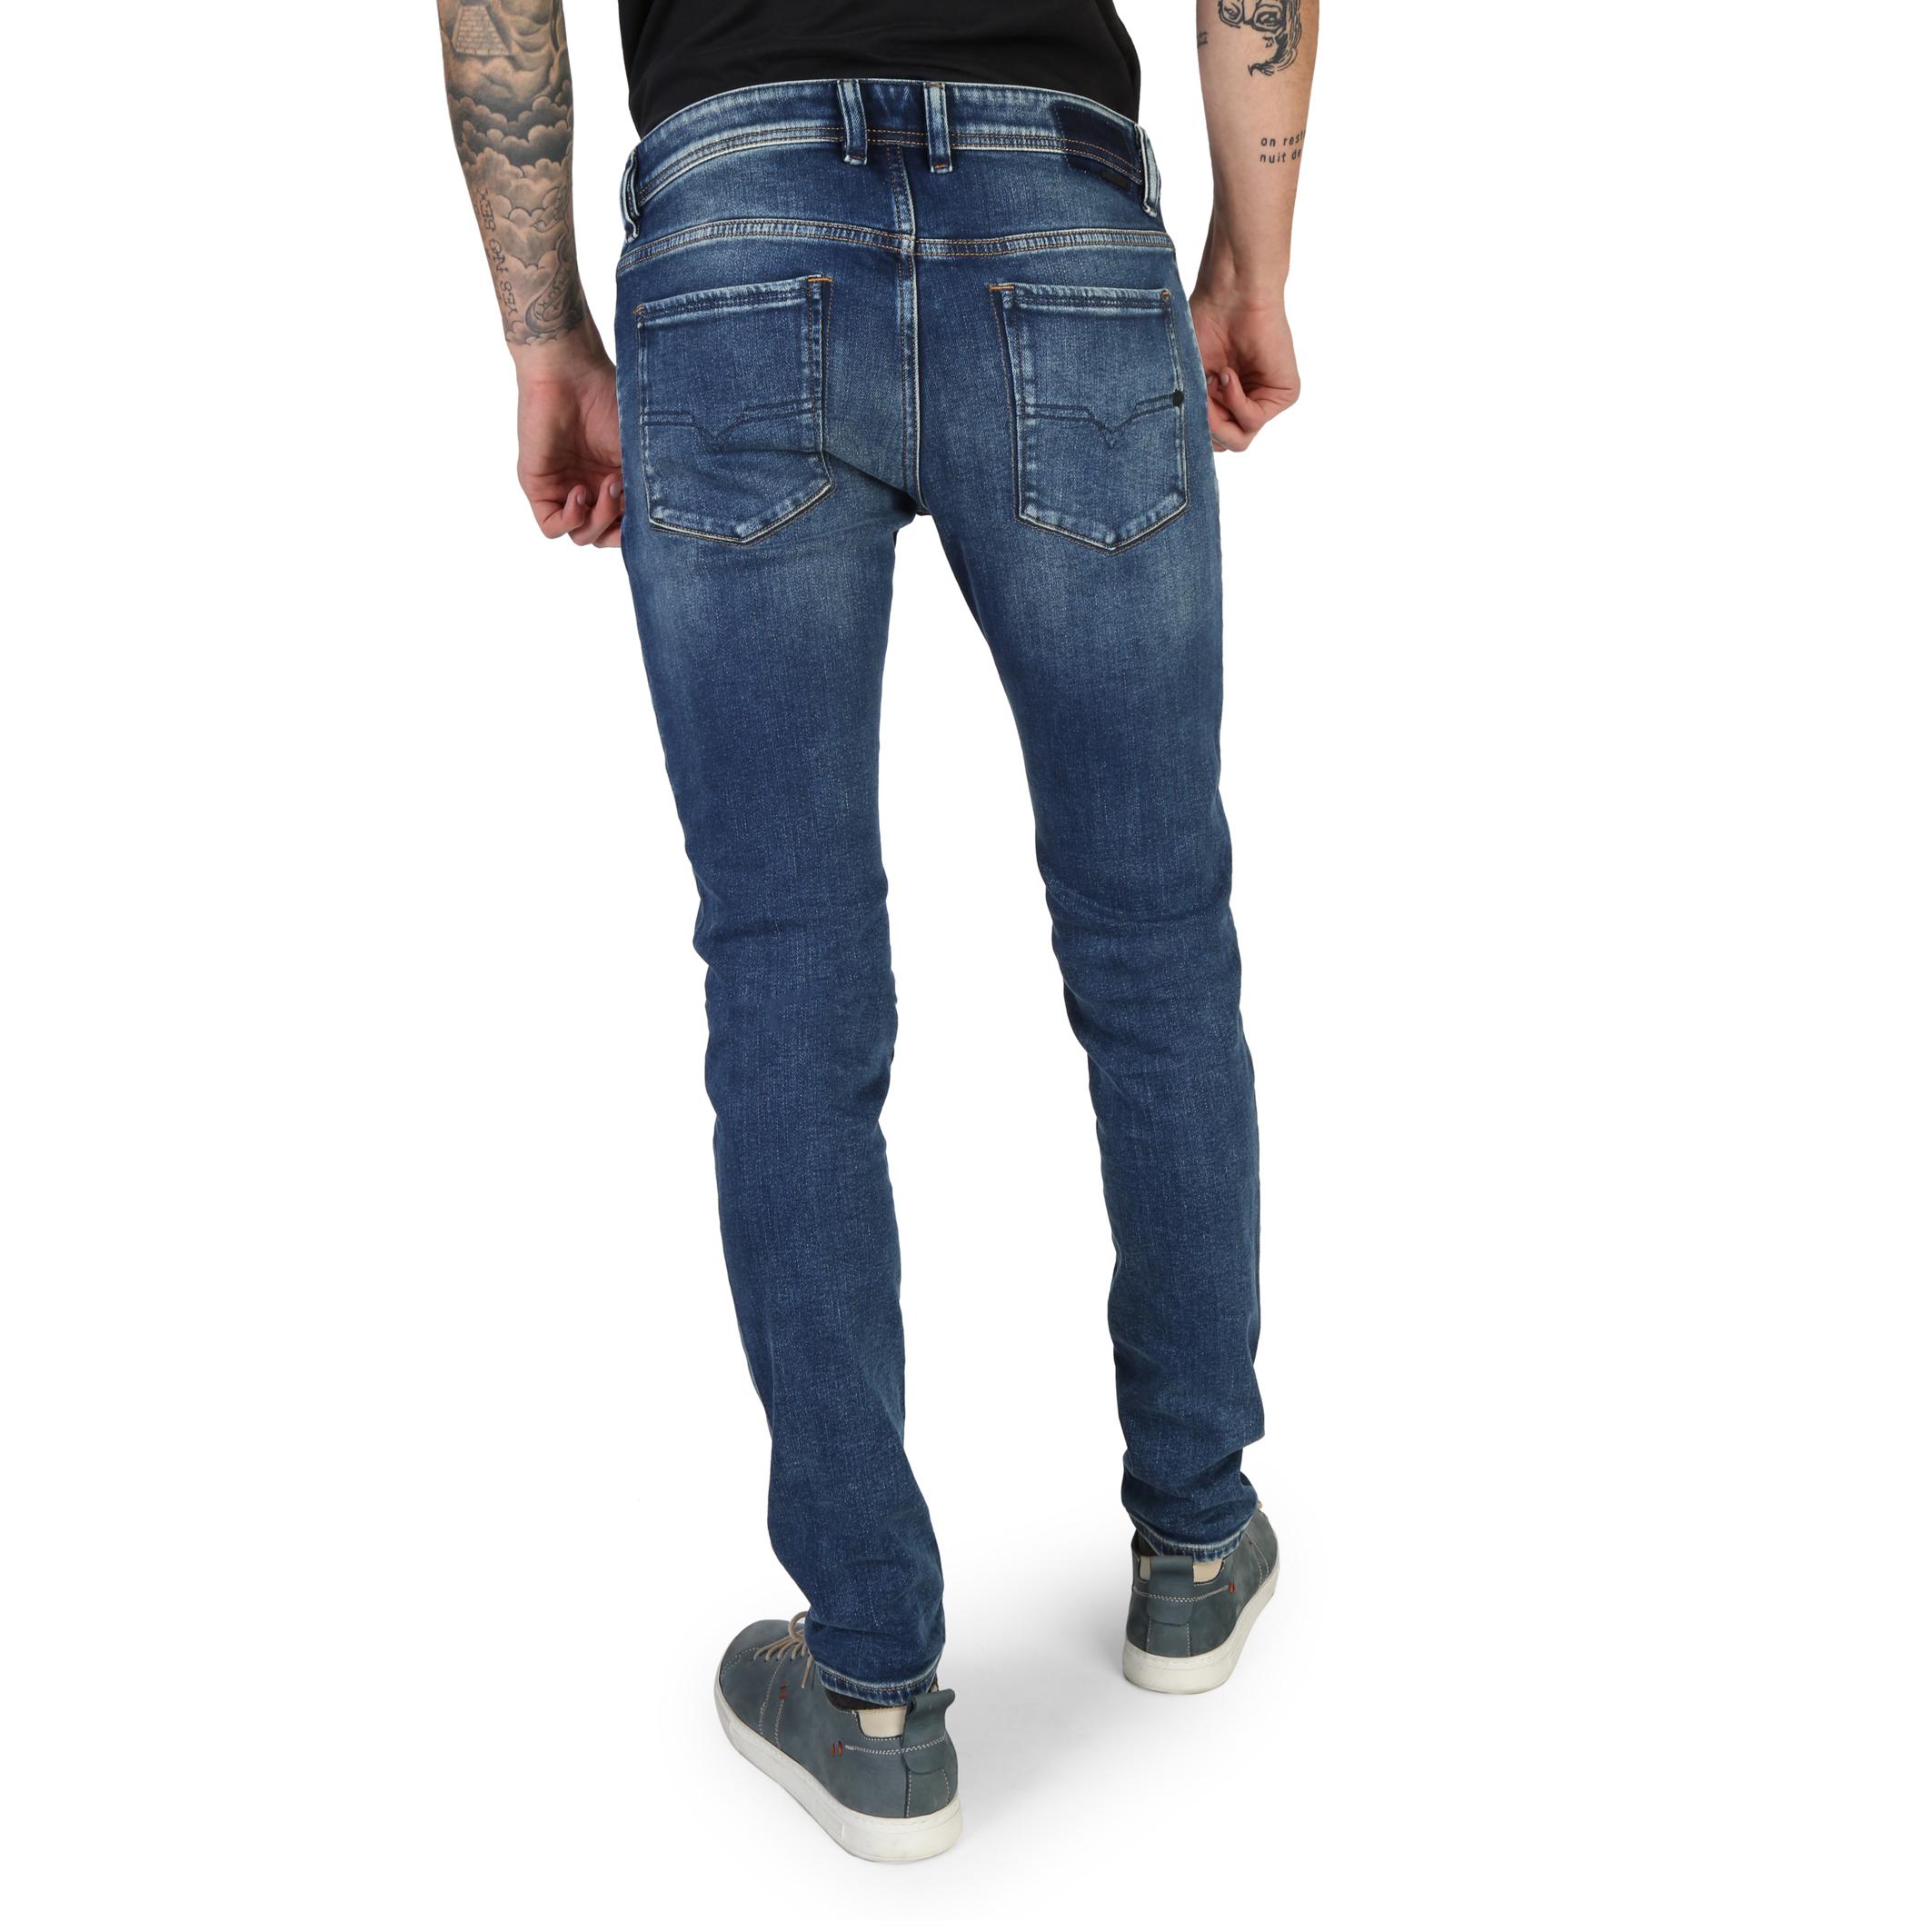 Jeans-Diesel-SLEENKER-L32-00S7VG-Uomo-Blu-103846 miniatura 2